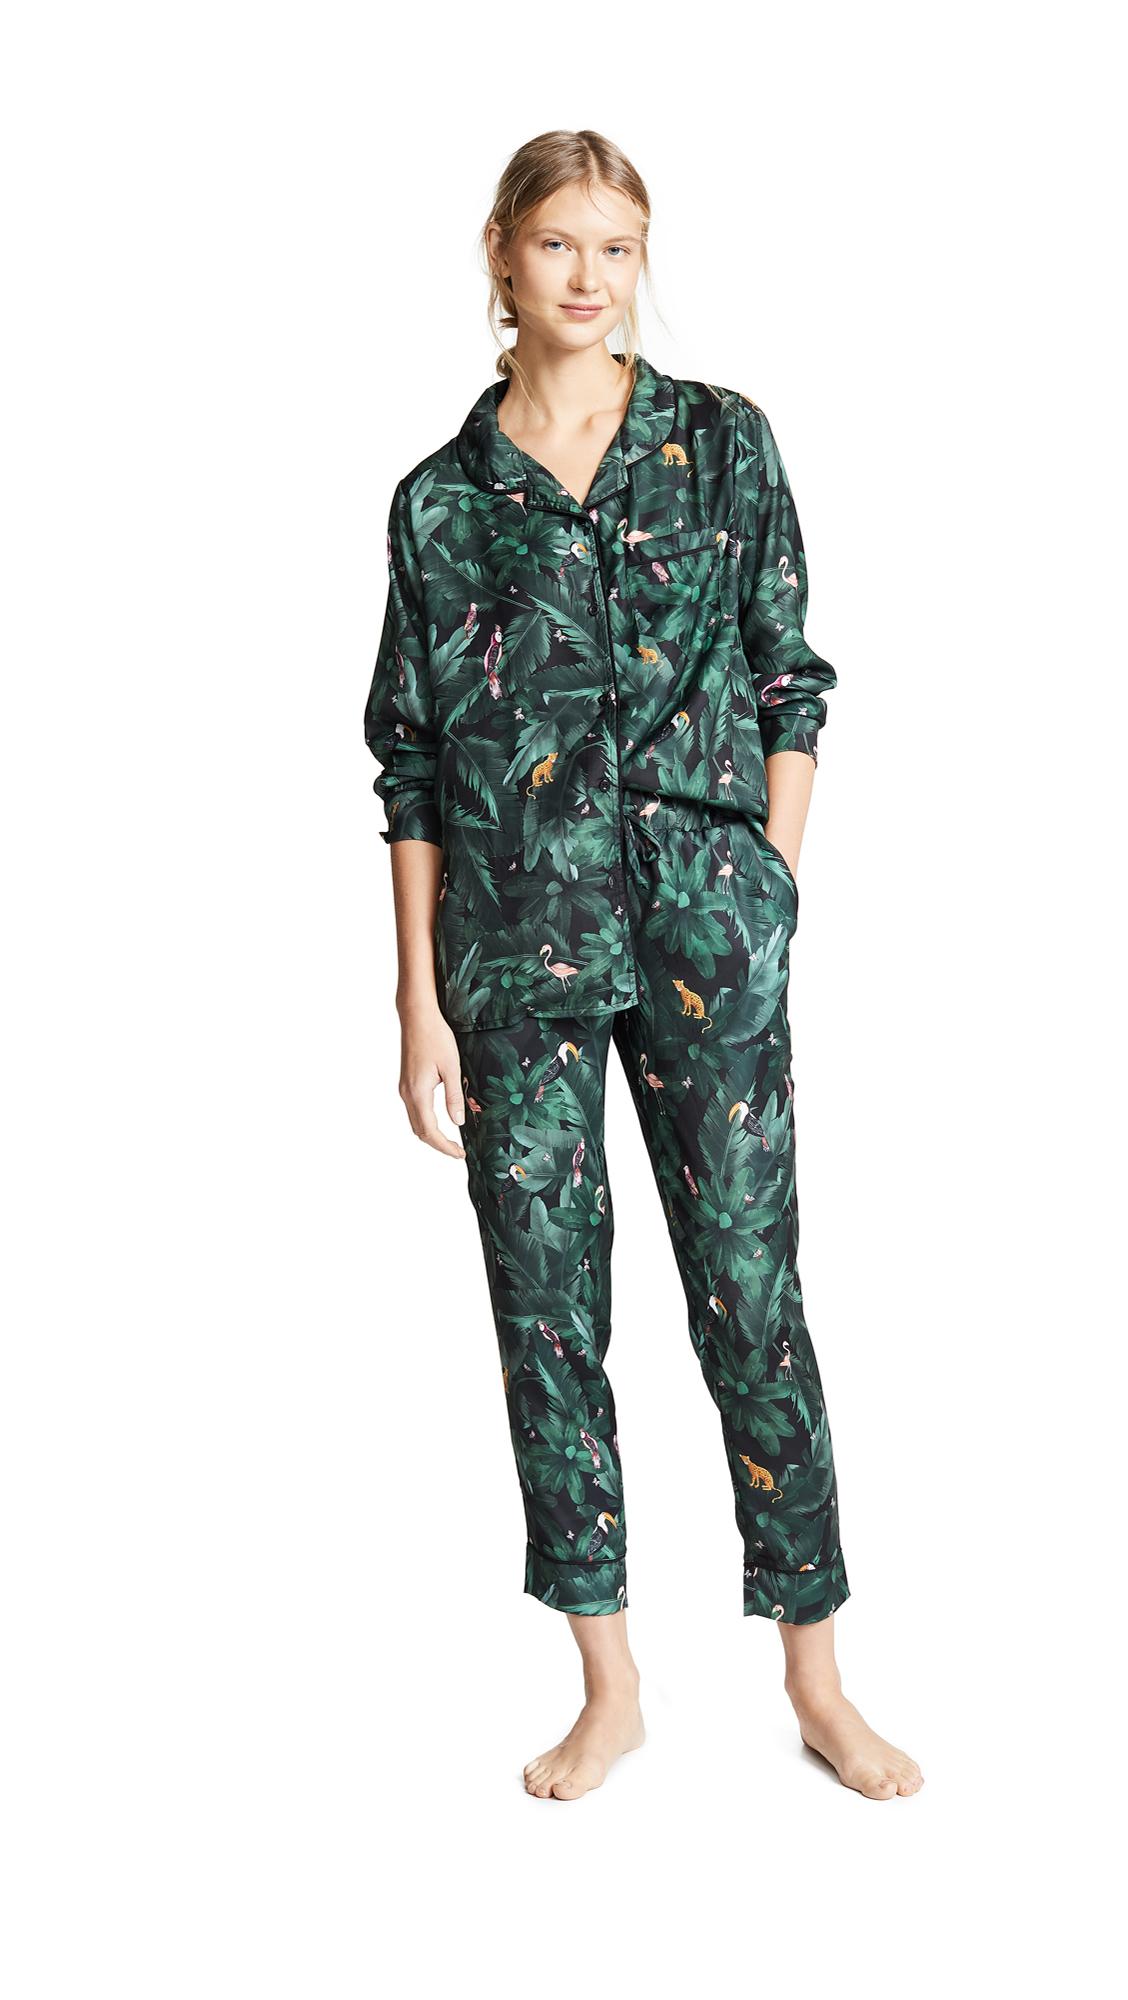 PLUSH Silky Jungle Print Pj Set in Emerald Jungle